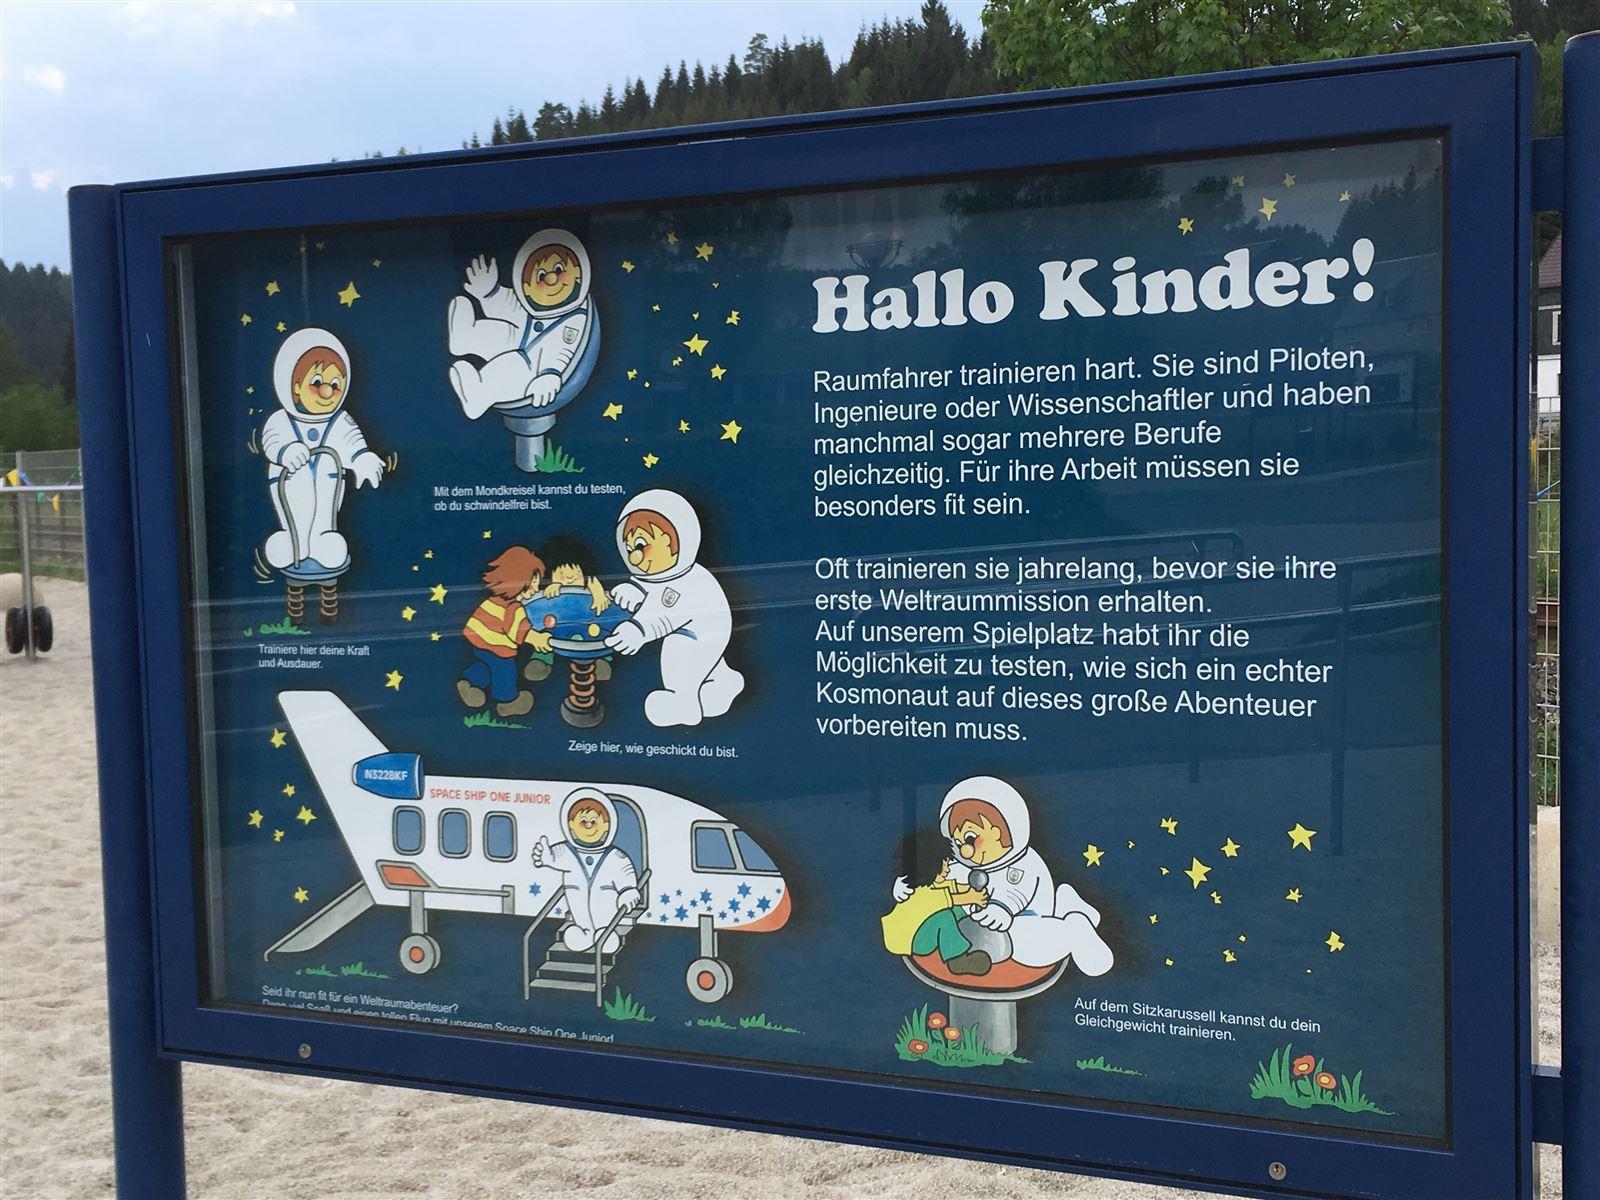 Ausflug mit Kindern in den Sommerferien  - Weltraumausstellung Morgenröthe-Rautenkranz in Sachsen